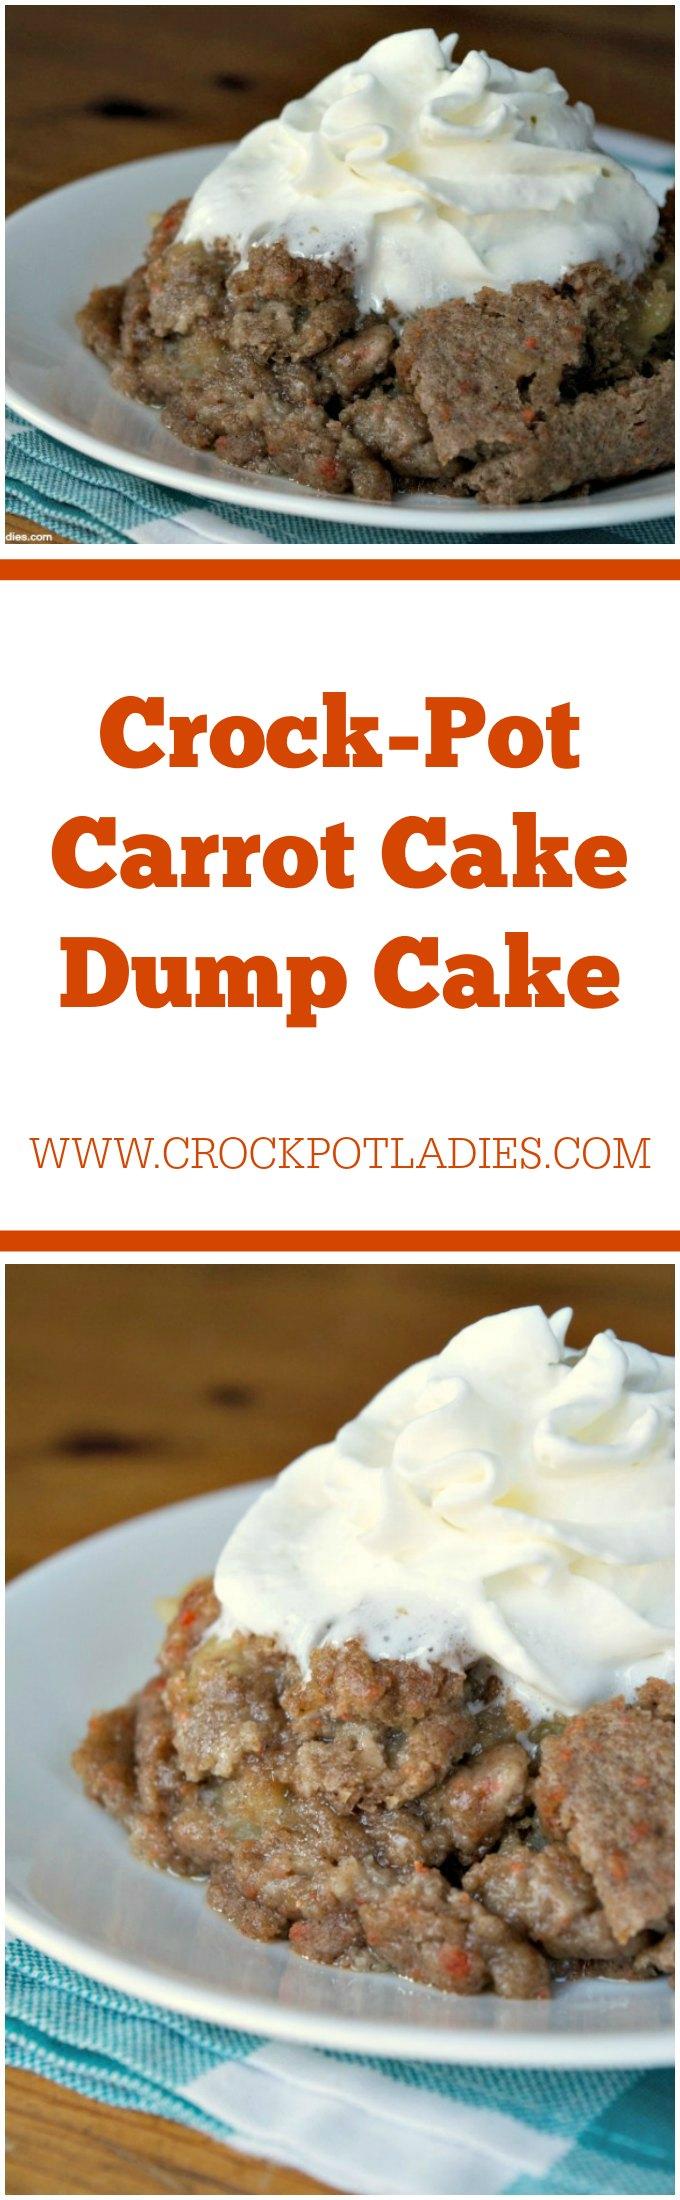 Crock-Pot Carrot Cake Dump Cake